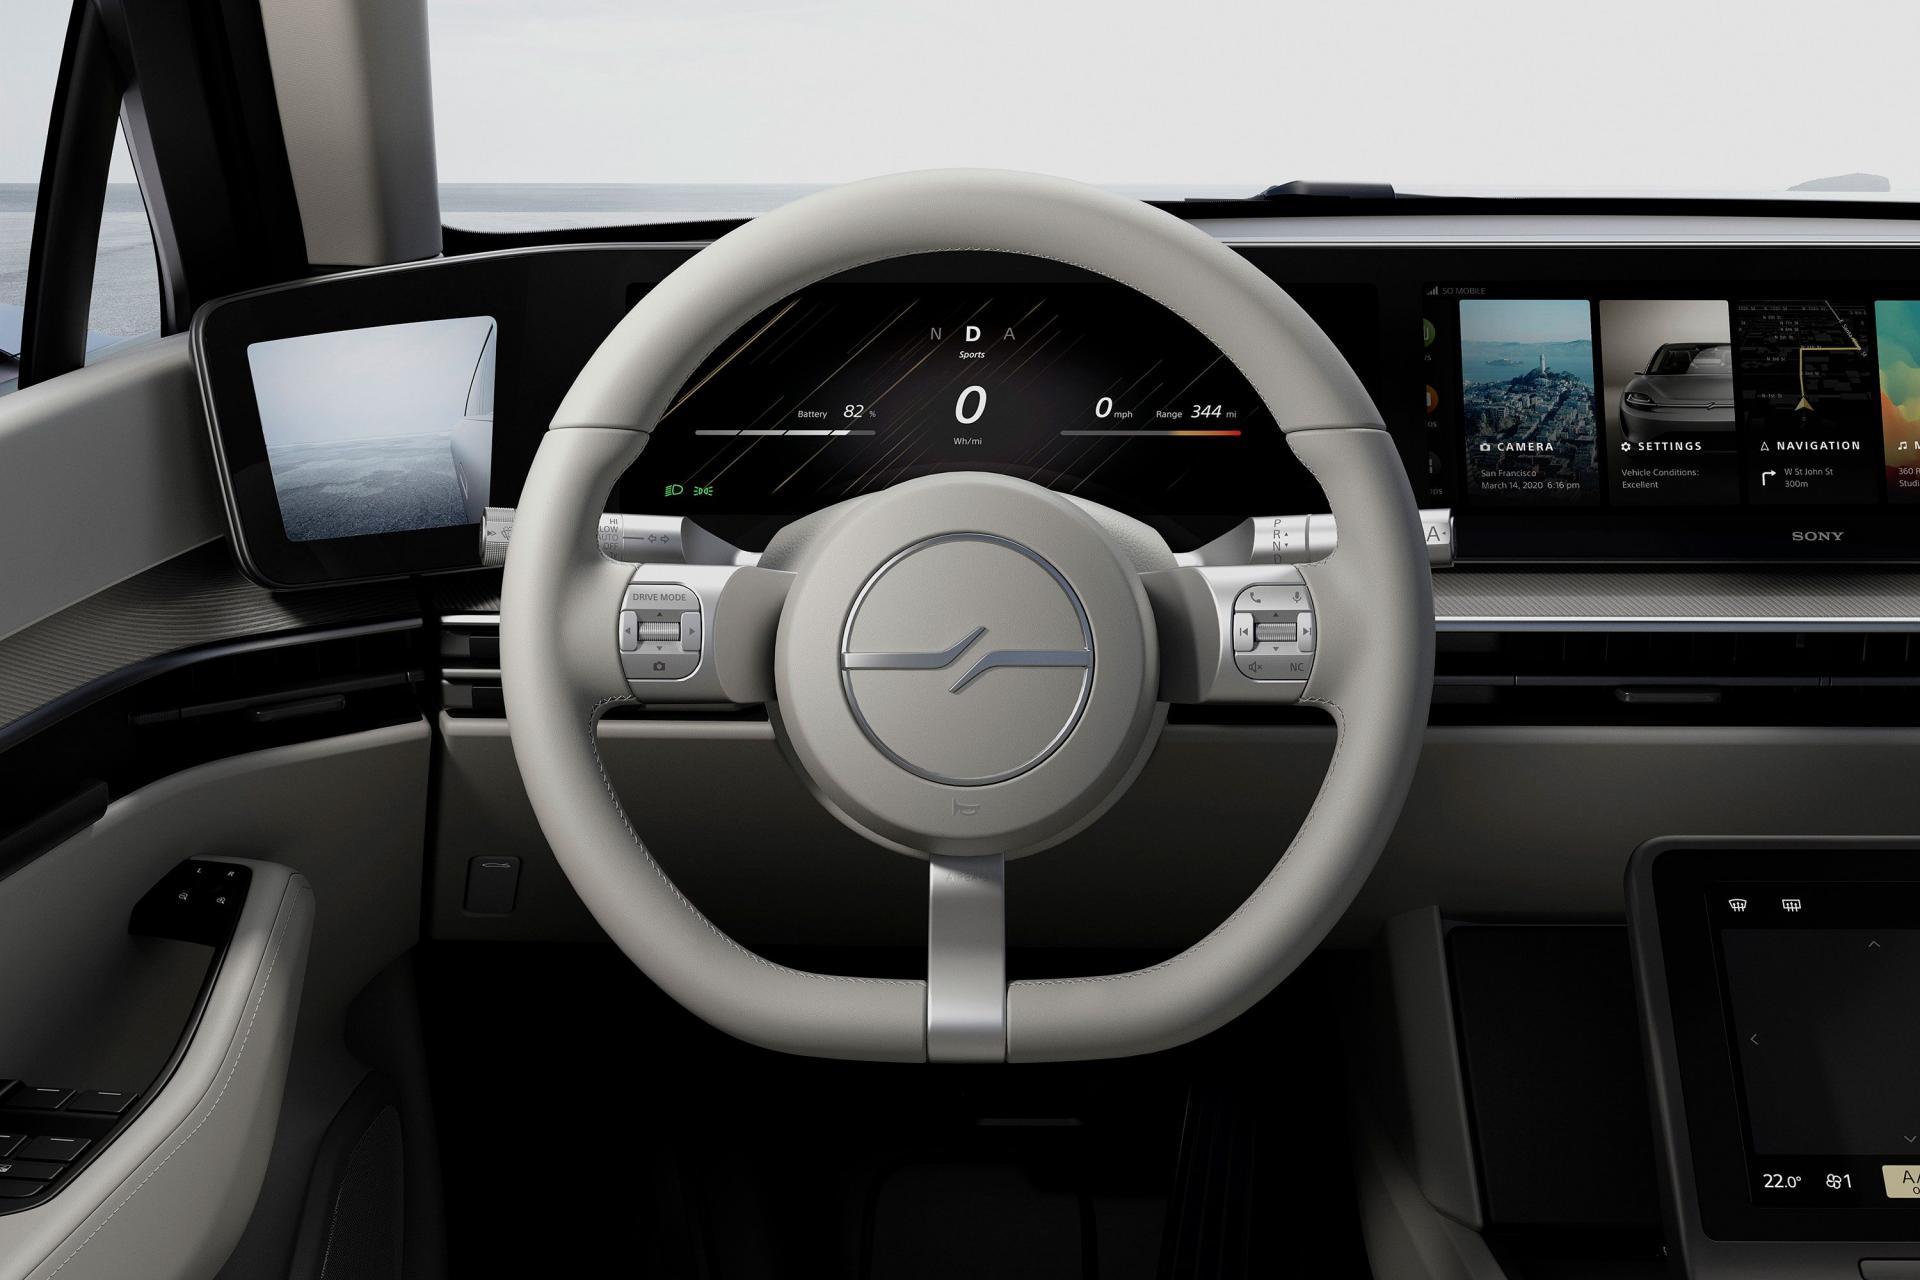 Sony bất ngờ ra mắt mẫu xe điện Vision-S tại CES 2020 - 12